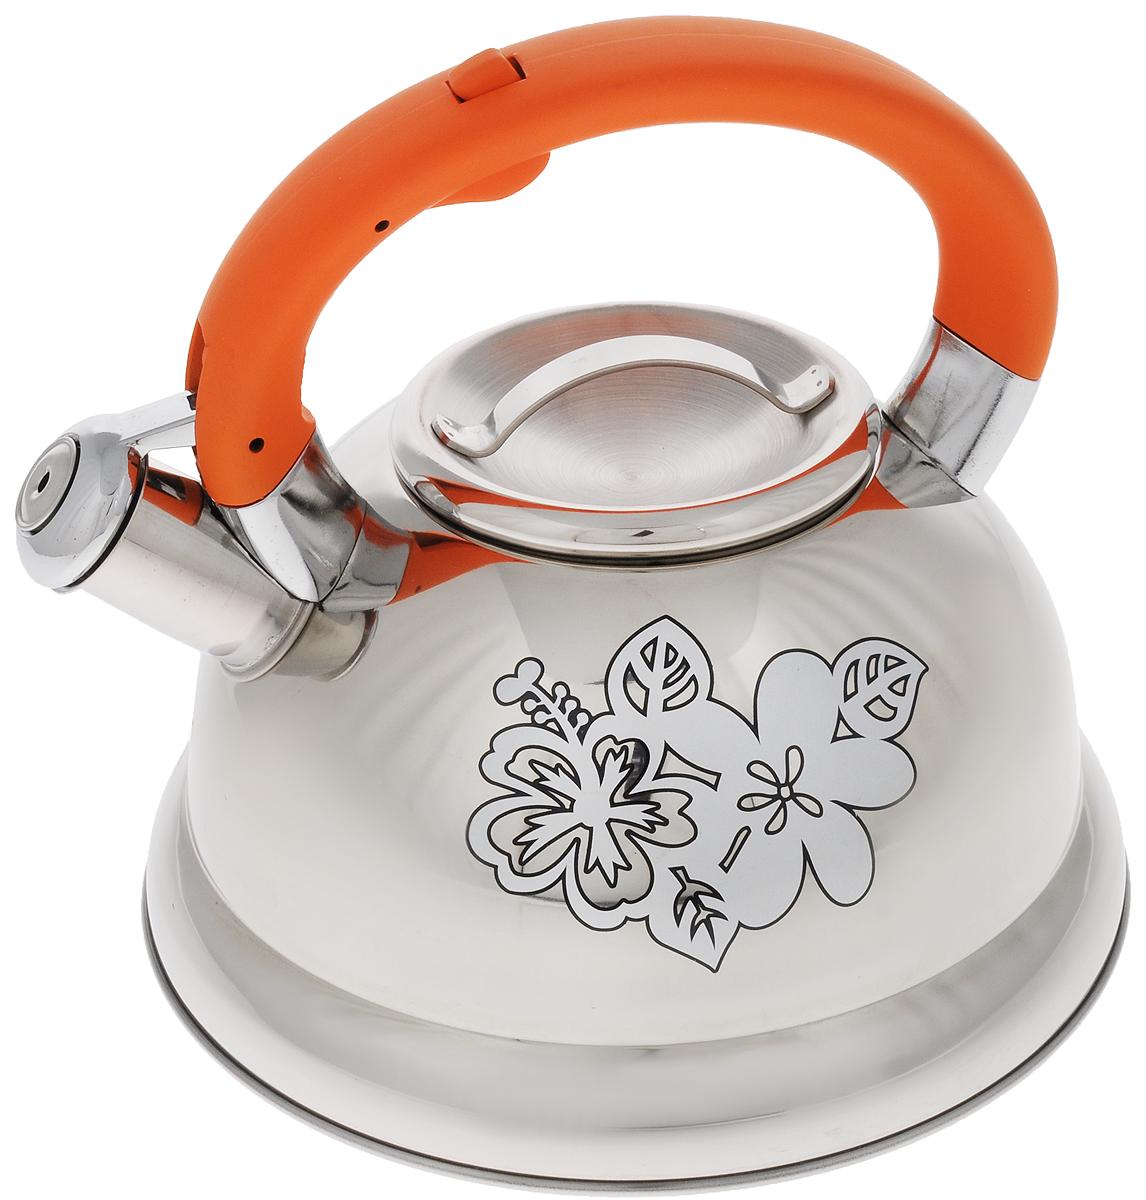 Чайник Mayer & Boch, со свистком, 2,6 л. 2278922789Чайник Mayer & Boch выполнен из высококачественной нержавеющей стали. Носик чайника оснащен насадкой-свистком, что позволит вам контролировать процесс подогрева или кипячения воды. Ручка из бакелита делает использование чайника очень удобным и безопасным. Эстетичный и функциональный чайник будет оригинально смотреться в любом интерьере. . Подходит для газовых, электрических, стеклокерамических и индукционных плит. Можно мыть в посудомоечной машине. Диаметр чайника (по верхнему краю): 10 см. Диаметр основания: 22 см. Высота чайника (без учета ручки): 11,5 см. Высота чайника (с учетом ручки): 20,5 см.